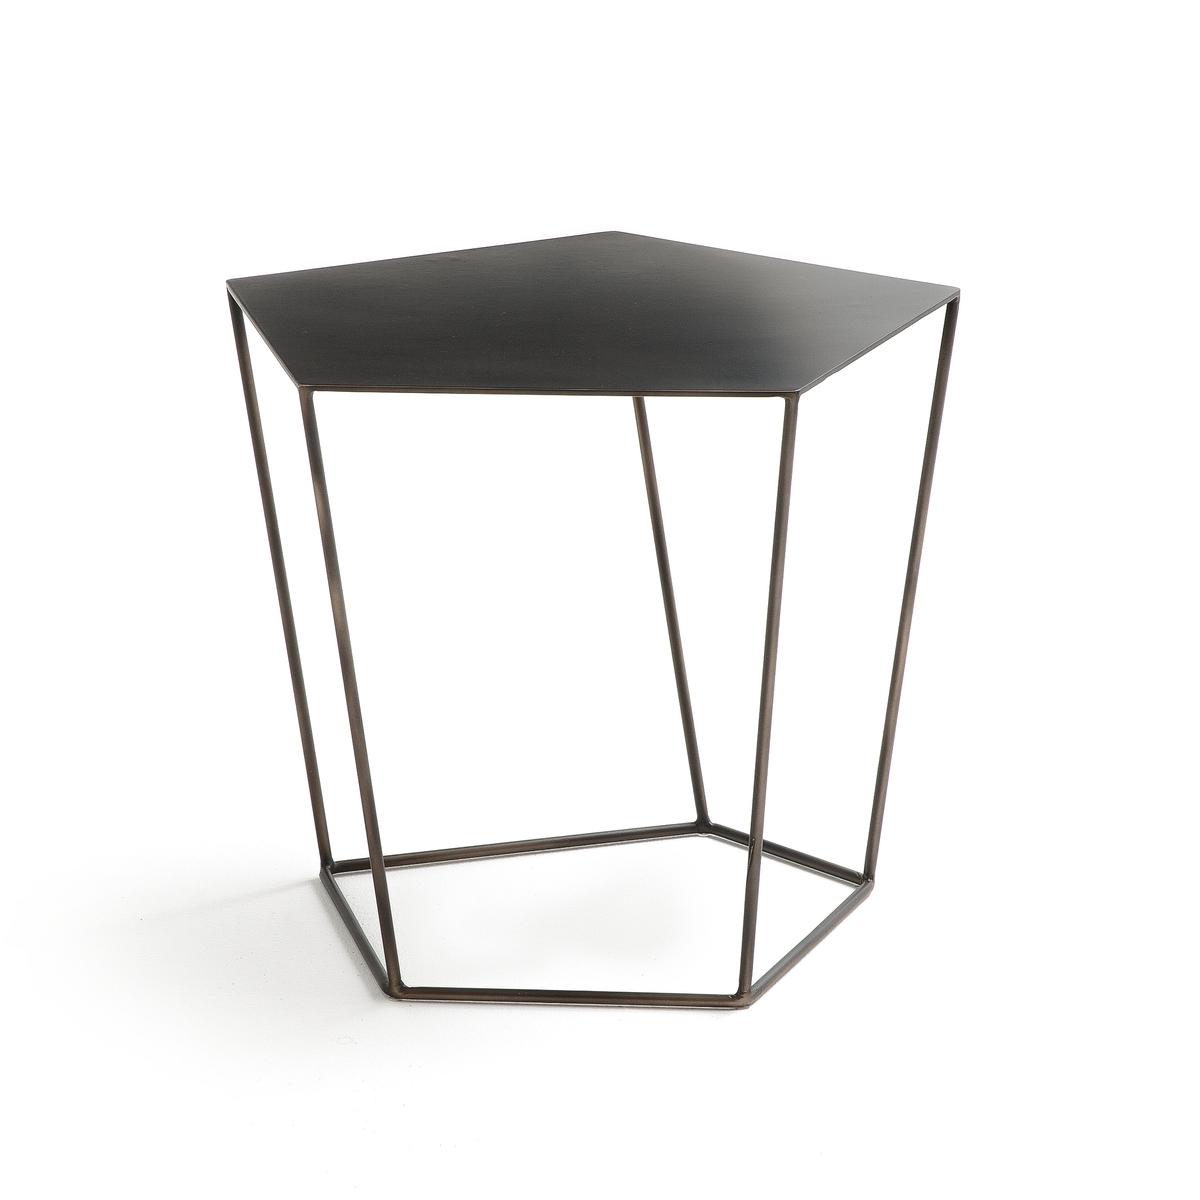 Столик журнальный металлический, В40 см, Disicole зеркало ш 84 x в 50 см kancona